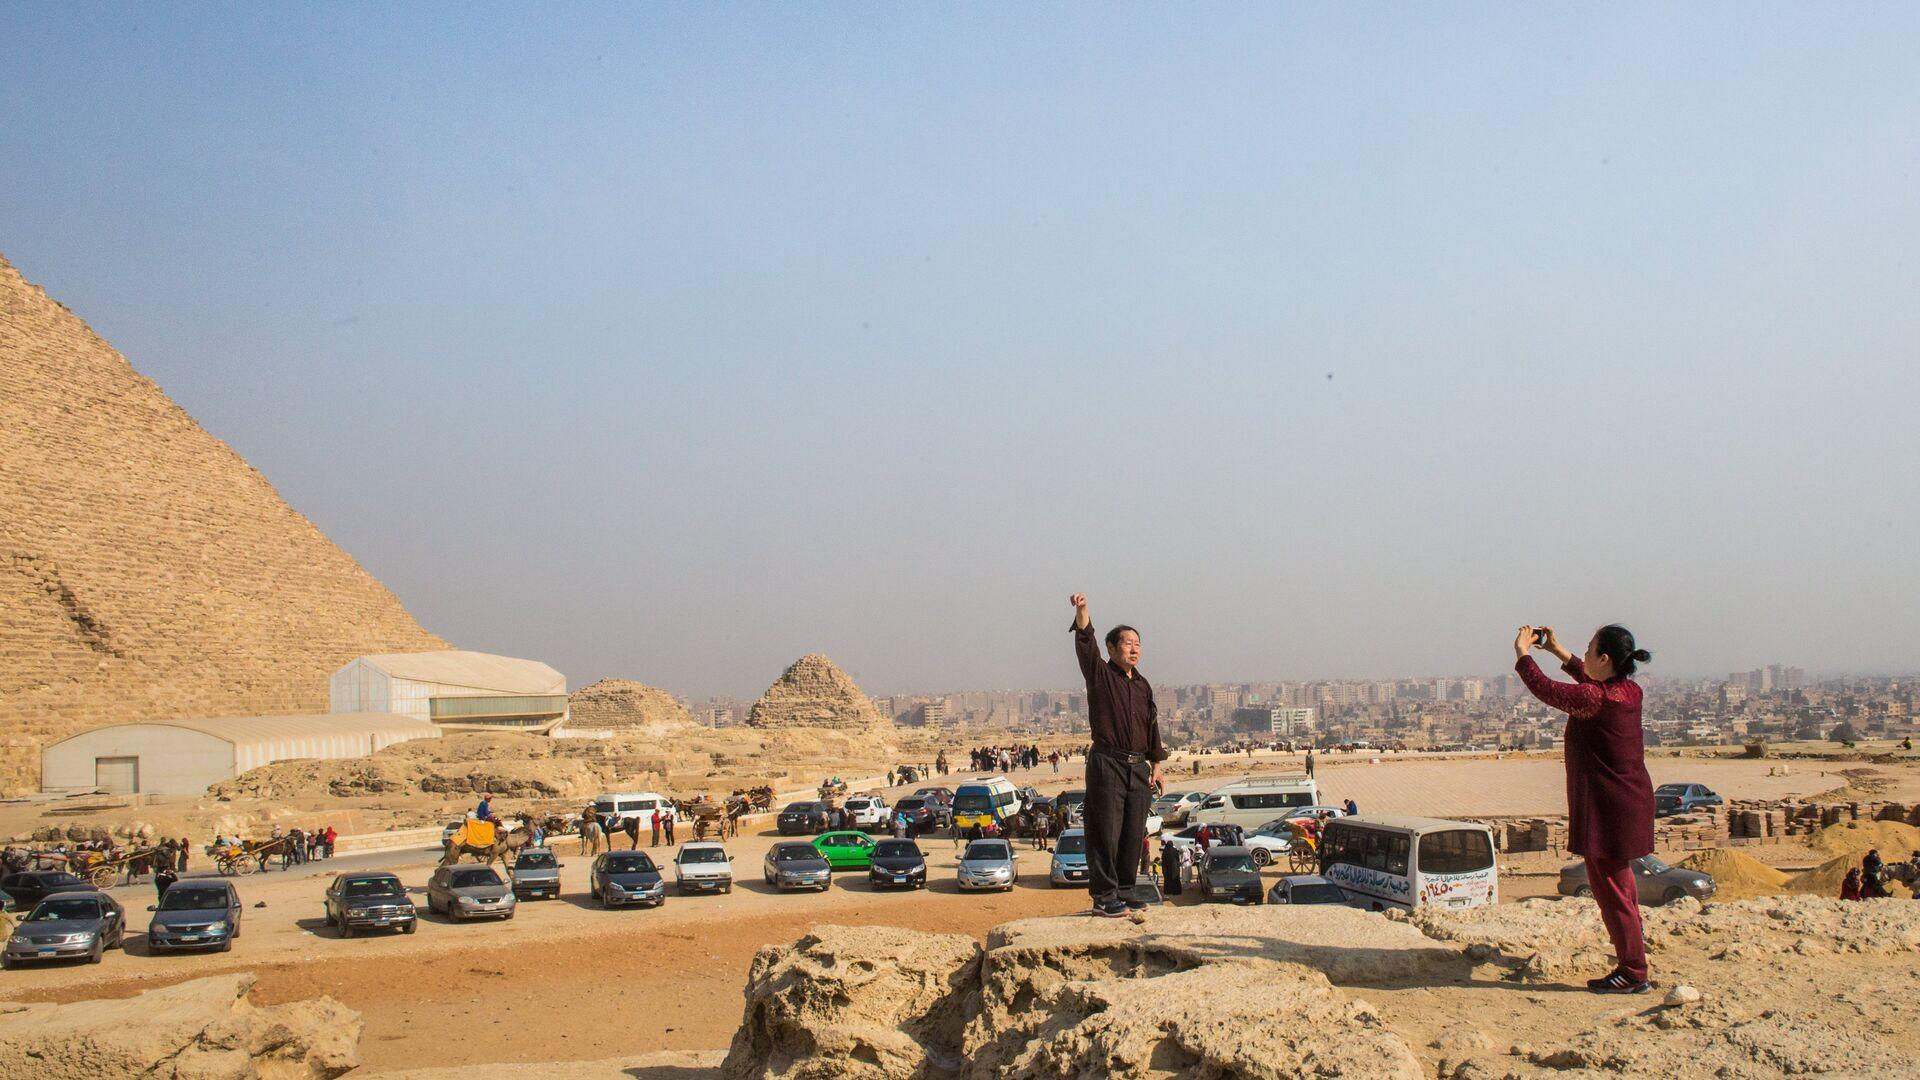 Туристы фотографируются на фоне древнеегипетских пирамид в Эль-Гизе, пригороде Каира - РИА Новости, 1920, 29.06.2021